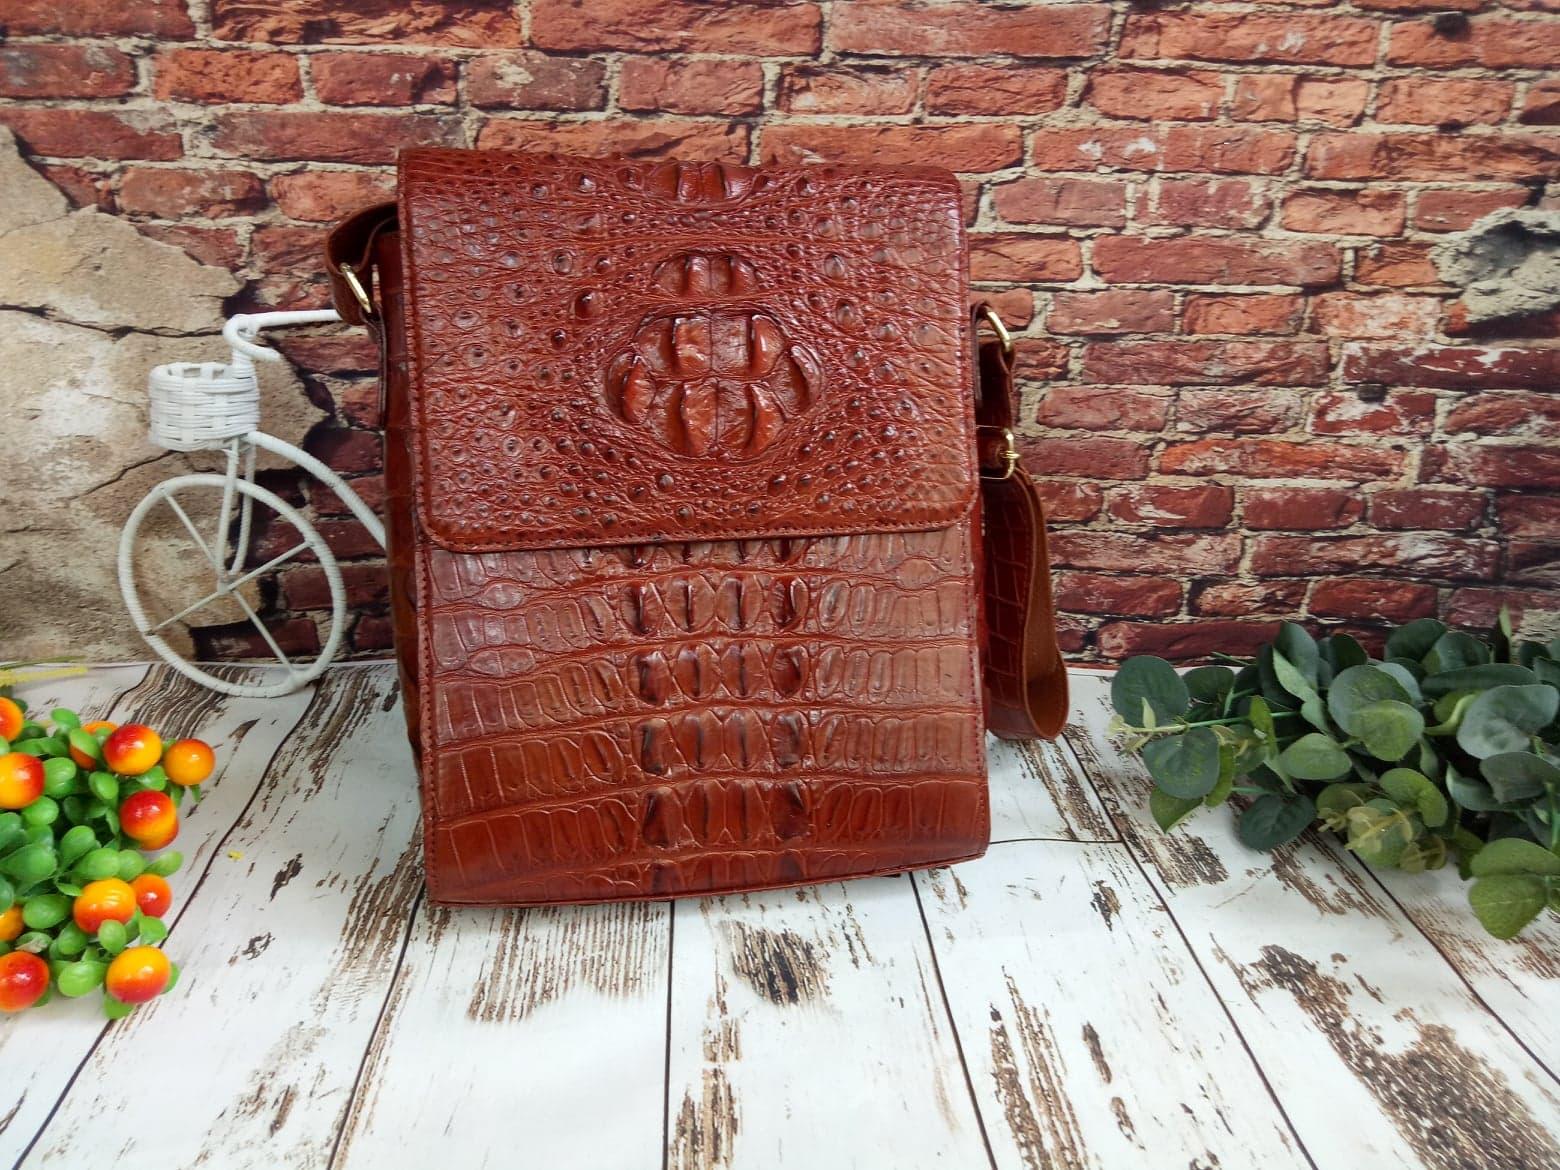 Túi xách đeo chéo Ipad nam da cá sấu màu nâu đỏ – TXIPNDG011S